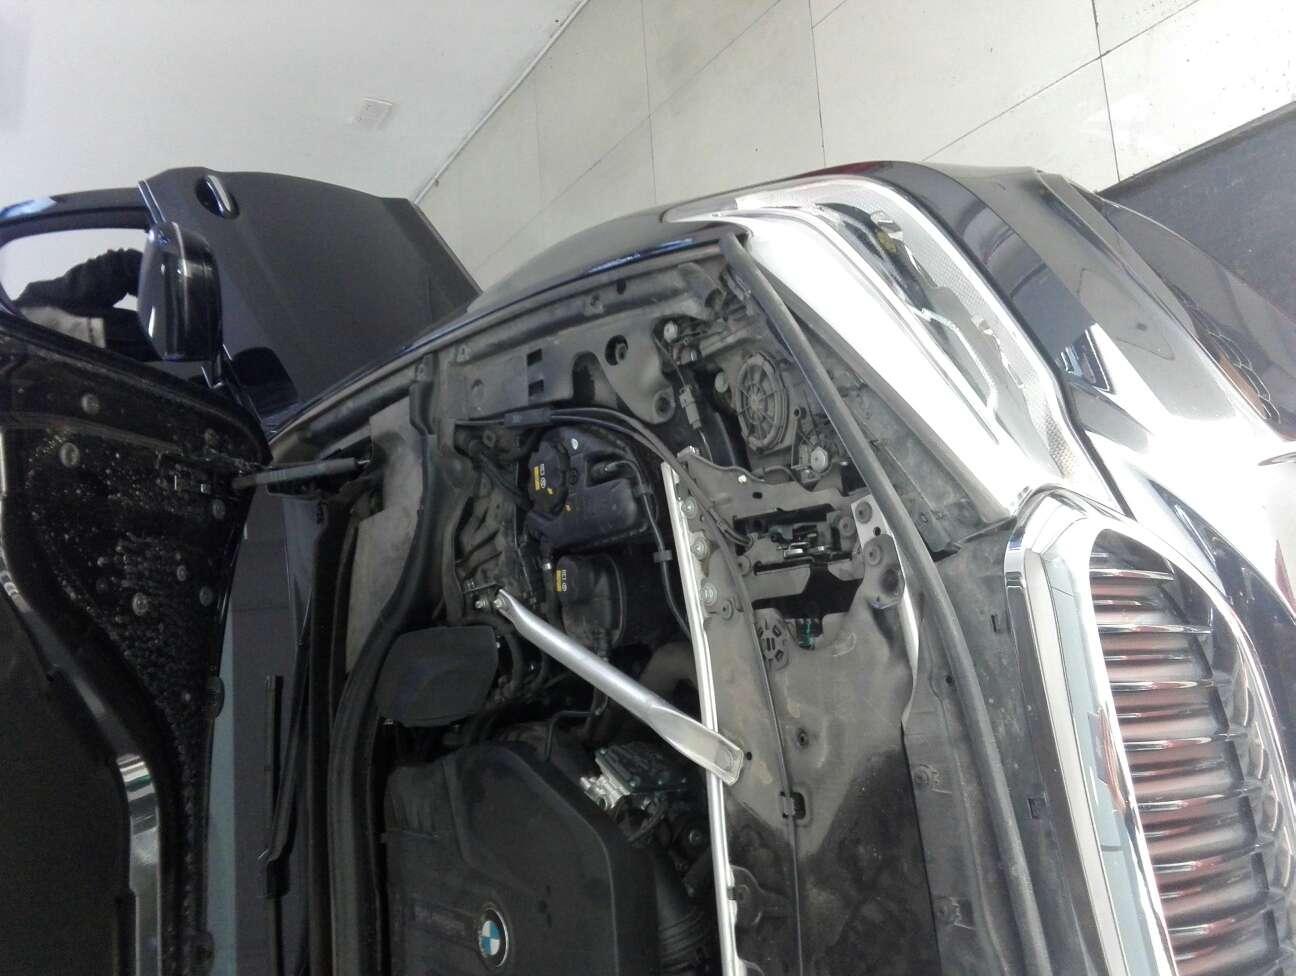 精真估提供二手车宝马5系 2018款 2.0T 自动 530Li 尊享版M运动套装 改款